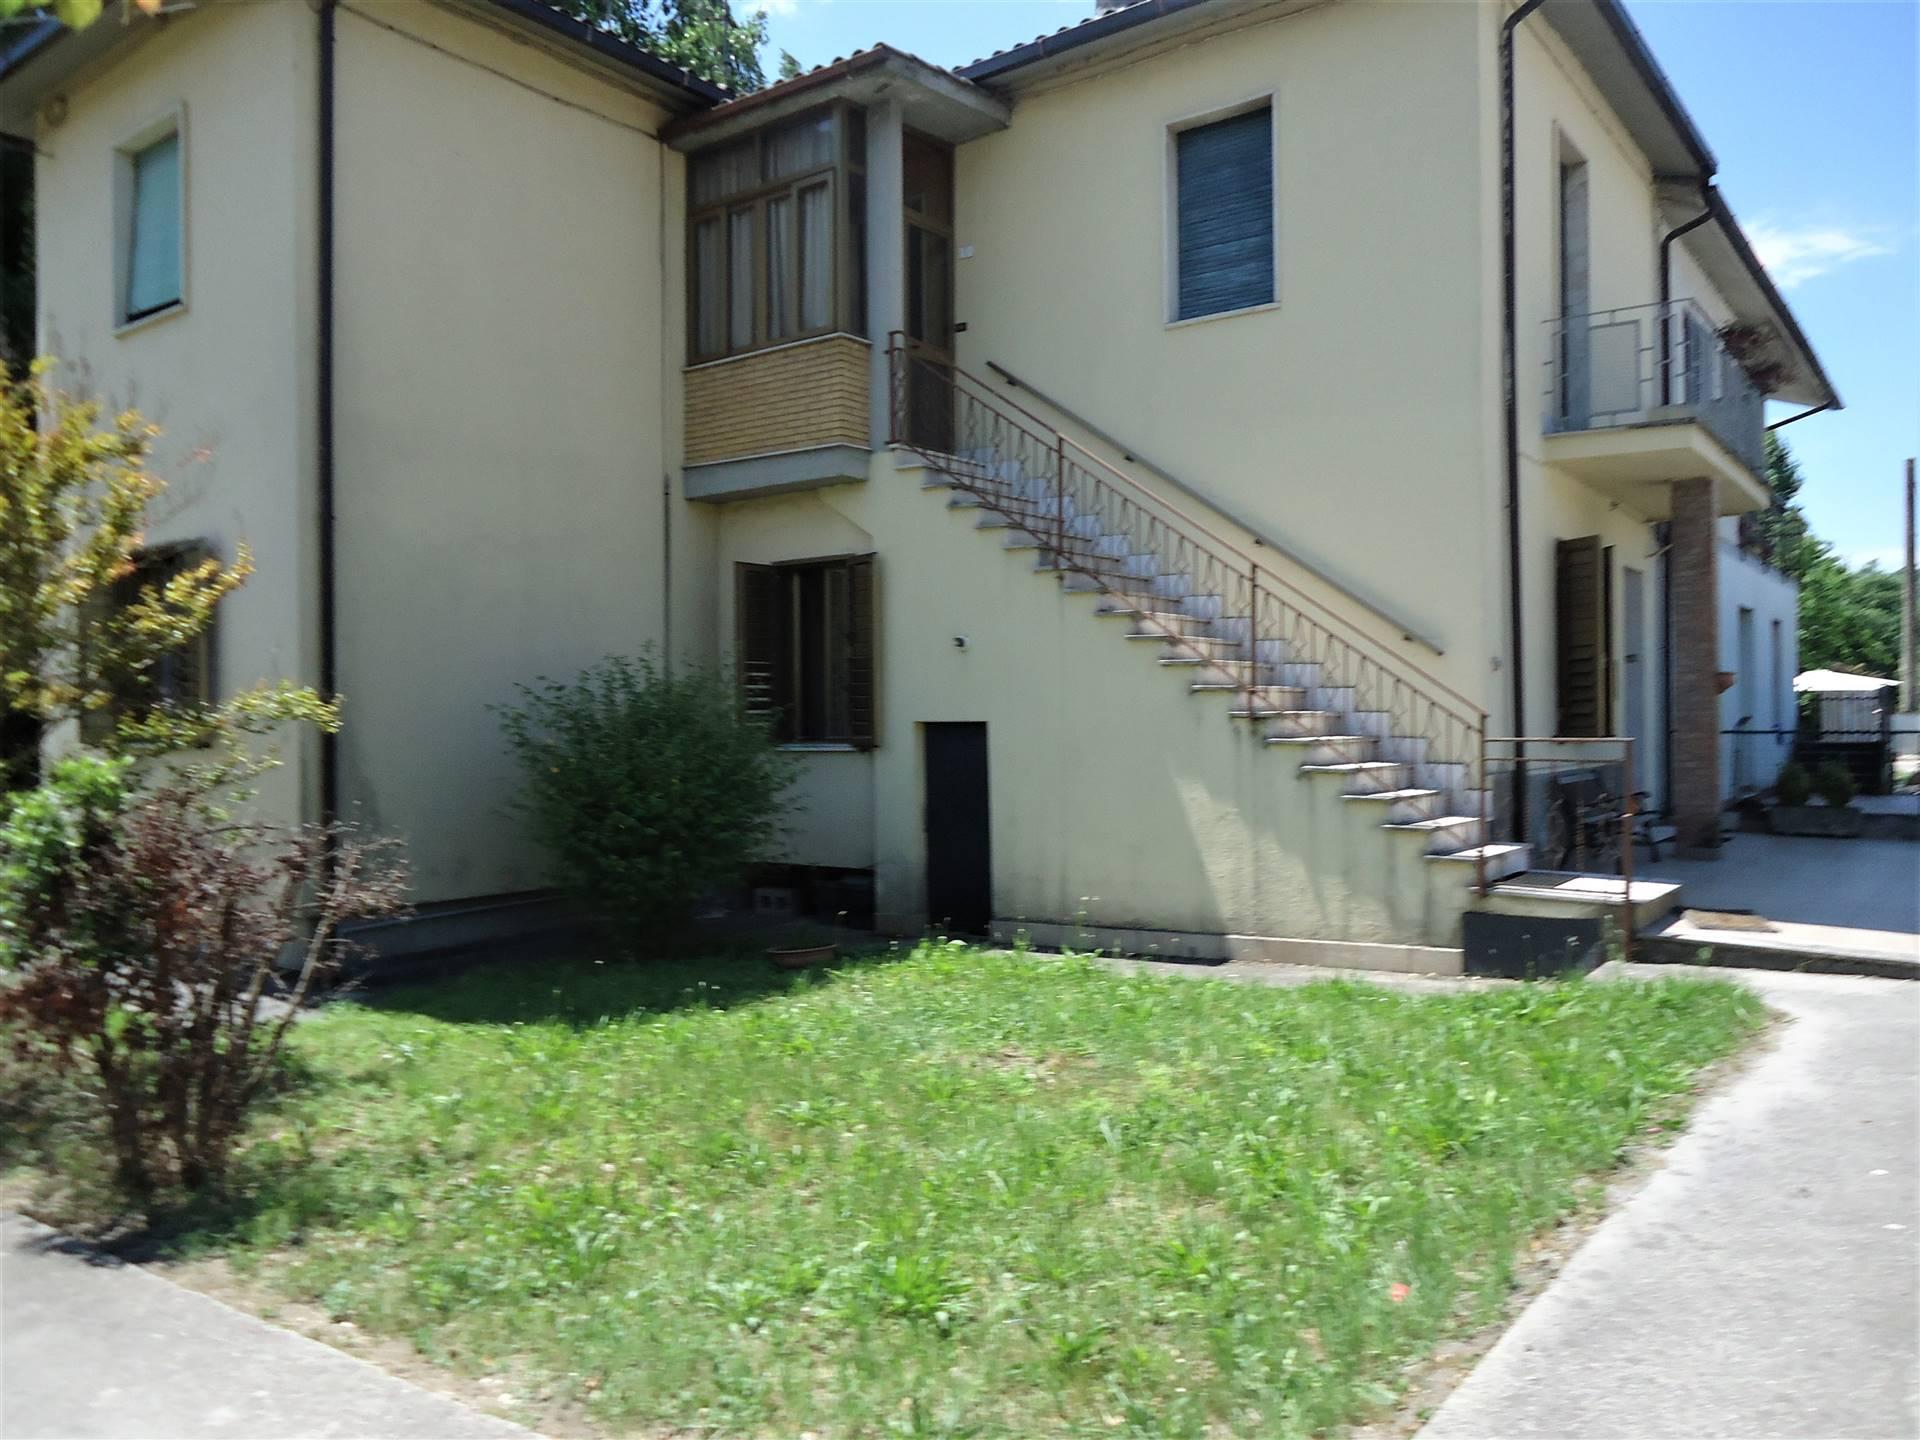 Appartamento in affitto a Arrone, 2 locali, zona Zona: Casteldilago, prezzo € 300   CambioCasa.it